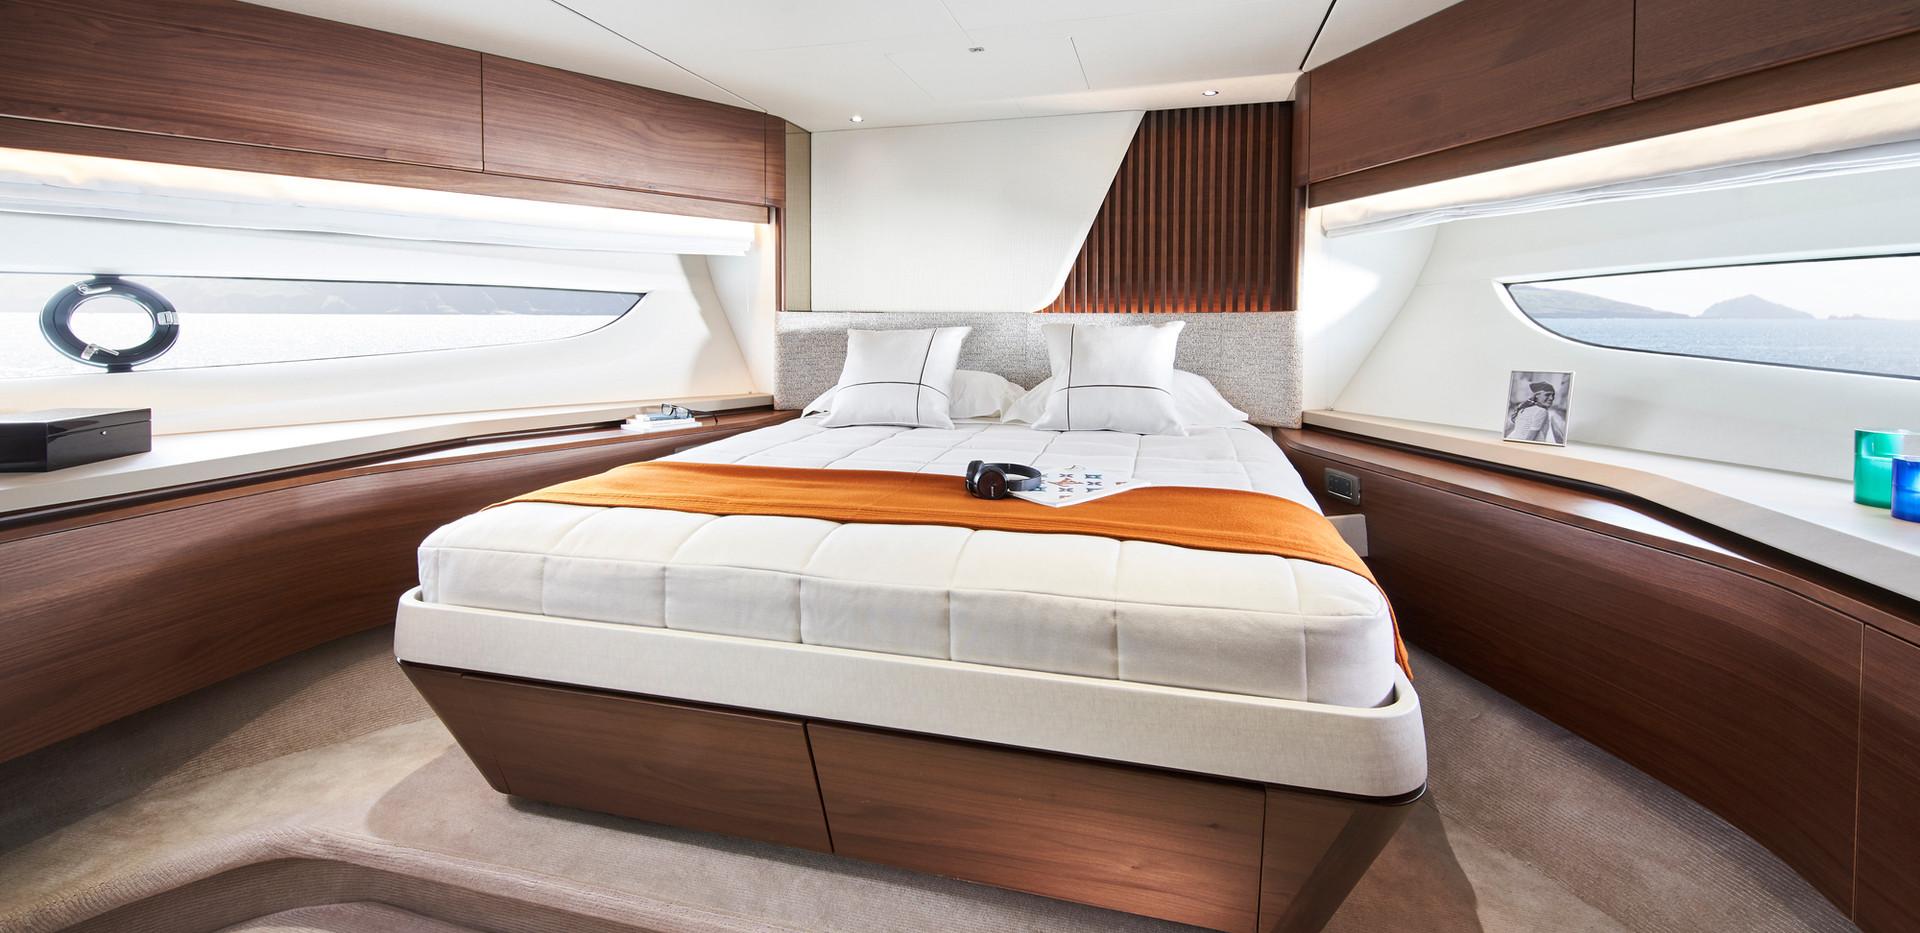 y85-interior-forward-guest-cabin-walnut-